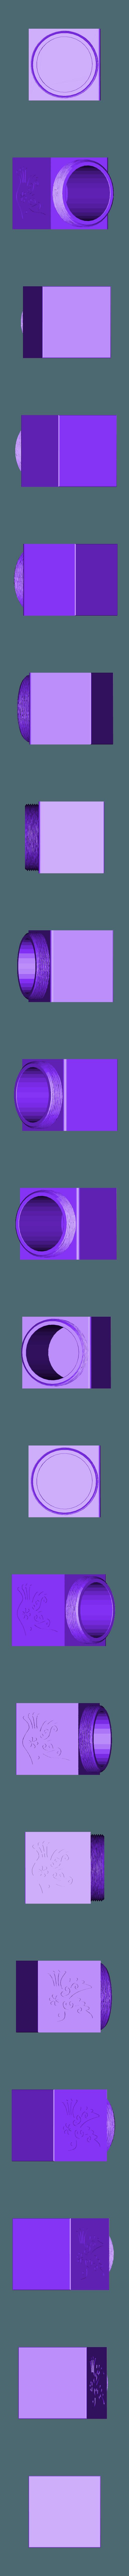 cube-02 v6_base_obj.obj Descargar archivo OBJ Caja de regalo Caja secreta pequeña caja secreta Modelo de impresión en 3D • Modelo para imprimir en 3D, Dzusto